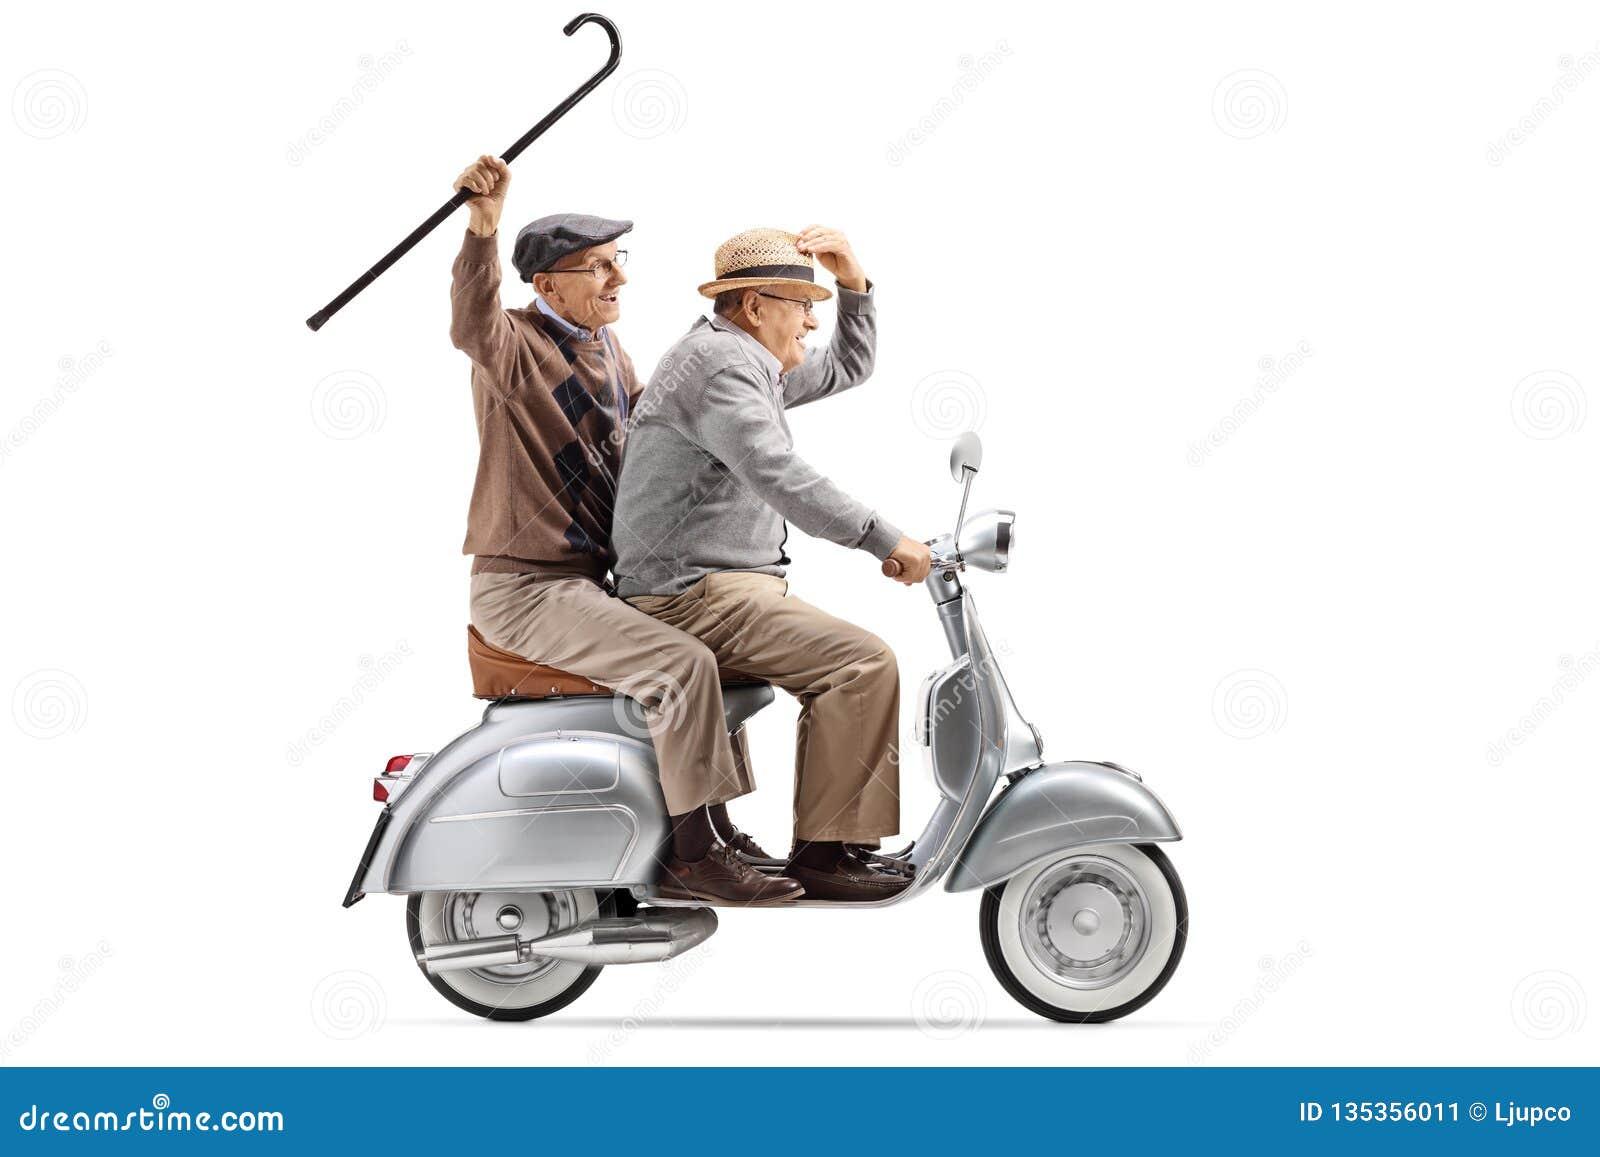 Δύο ανώτερα άτομα που οδηγούν ένα εκλεκτής ποιότητας μηχανικό δίκυκλο και που κυματίζουν με έναν κάλαμο